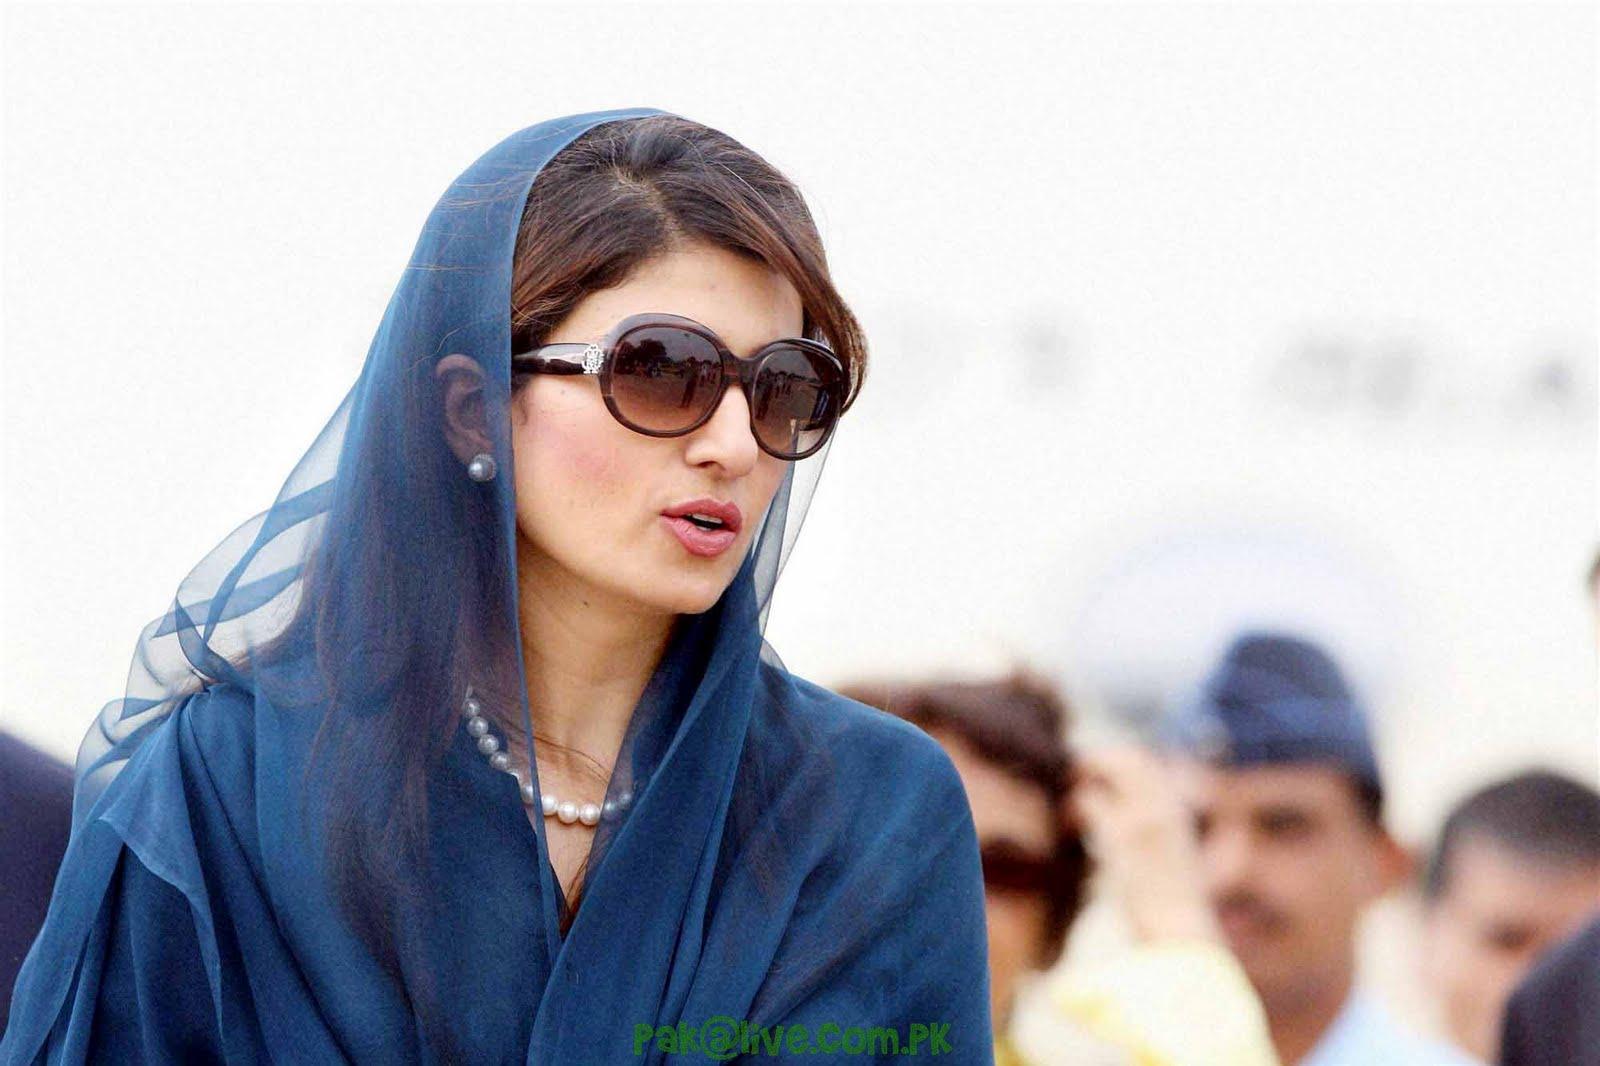 http://4.bp.blogspot.com/-HtfAOvr9jwU/TjaL-LKEAqI/AAAAAAAAAAk/V1geNXD4I14/s1600/Hina-Rabbani-Khar-looking-hot.jpg